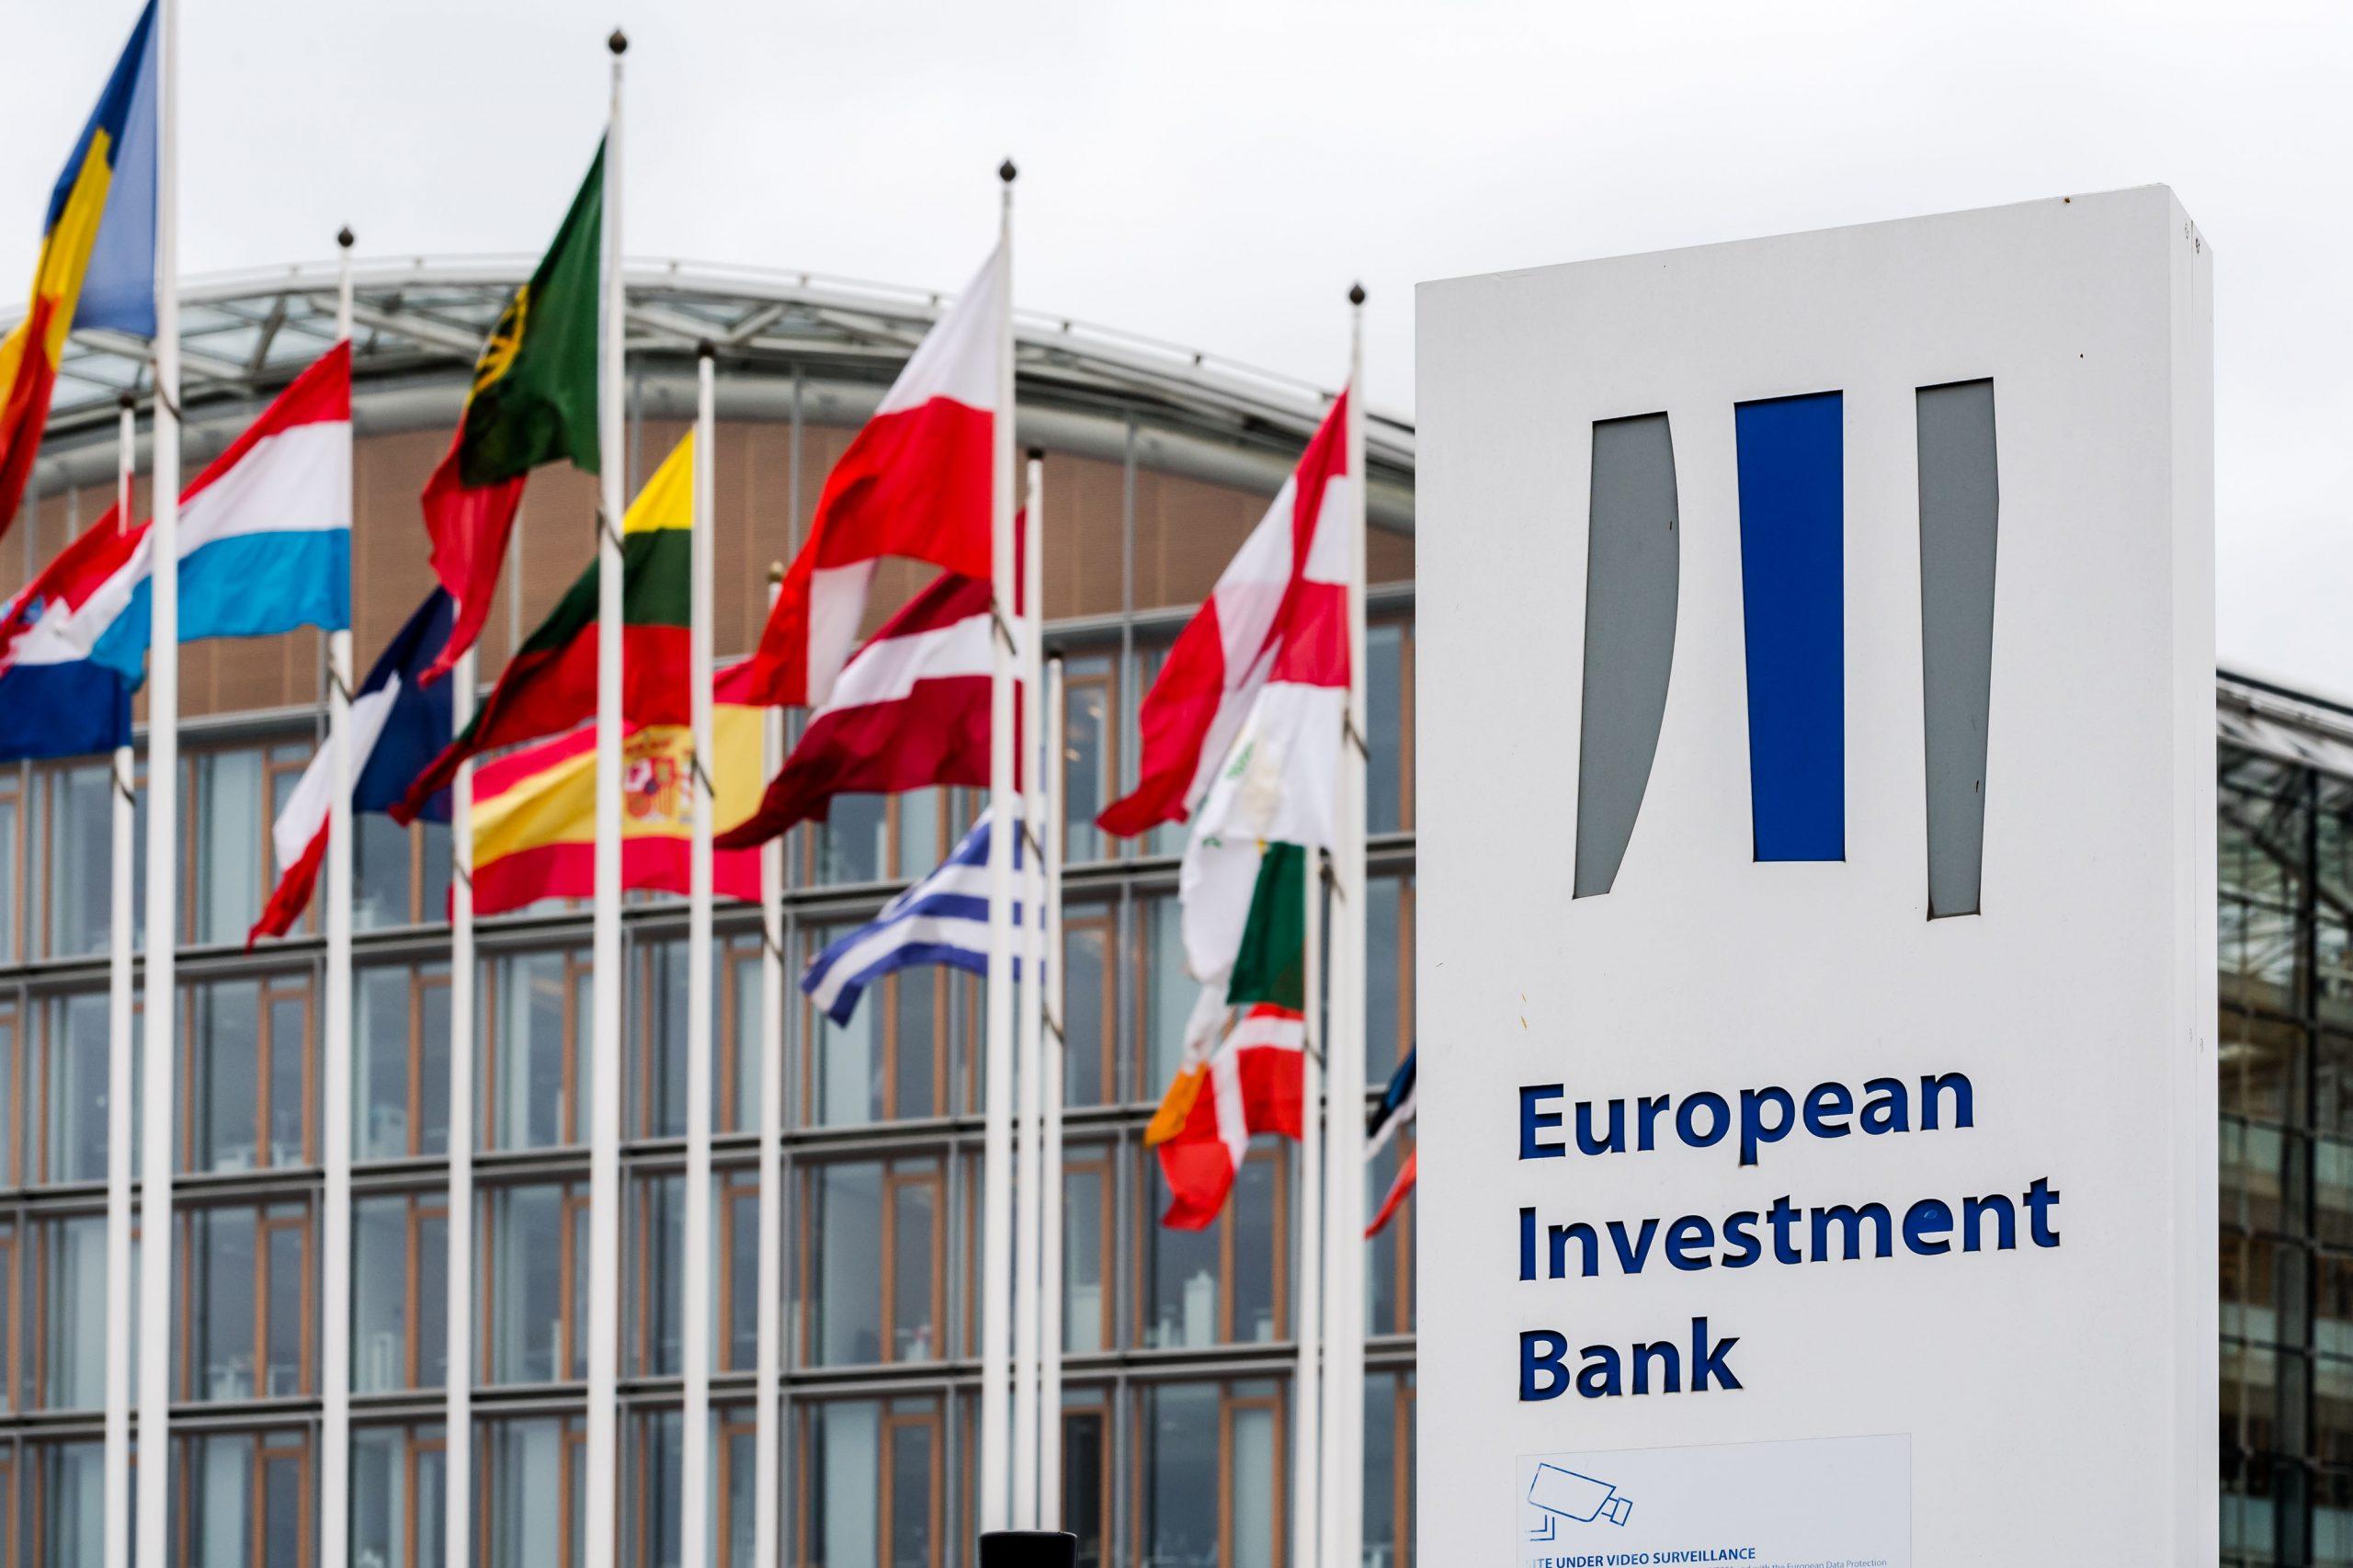 Banka Evropiane e Investimeve: Luftimi i pasojave pandemike dhe ekonomike është me prioritet